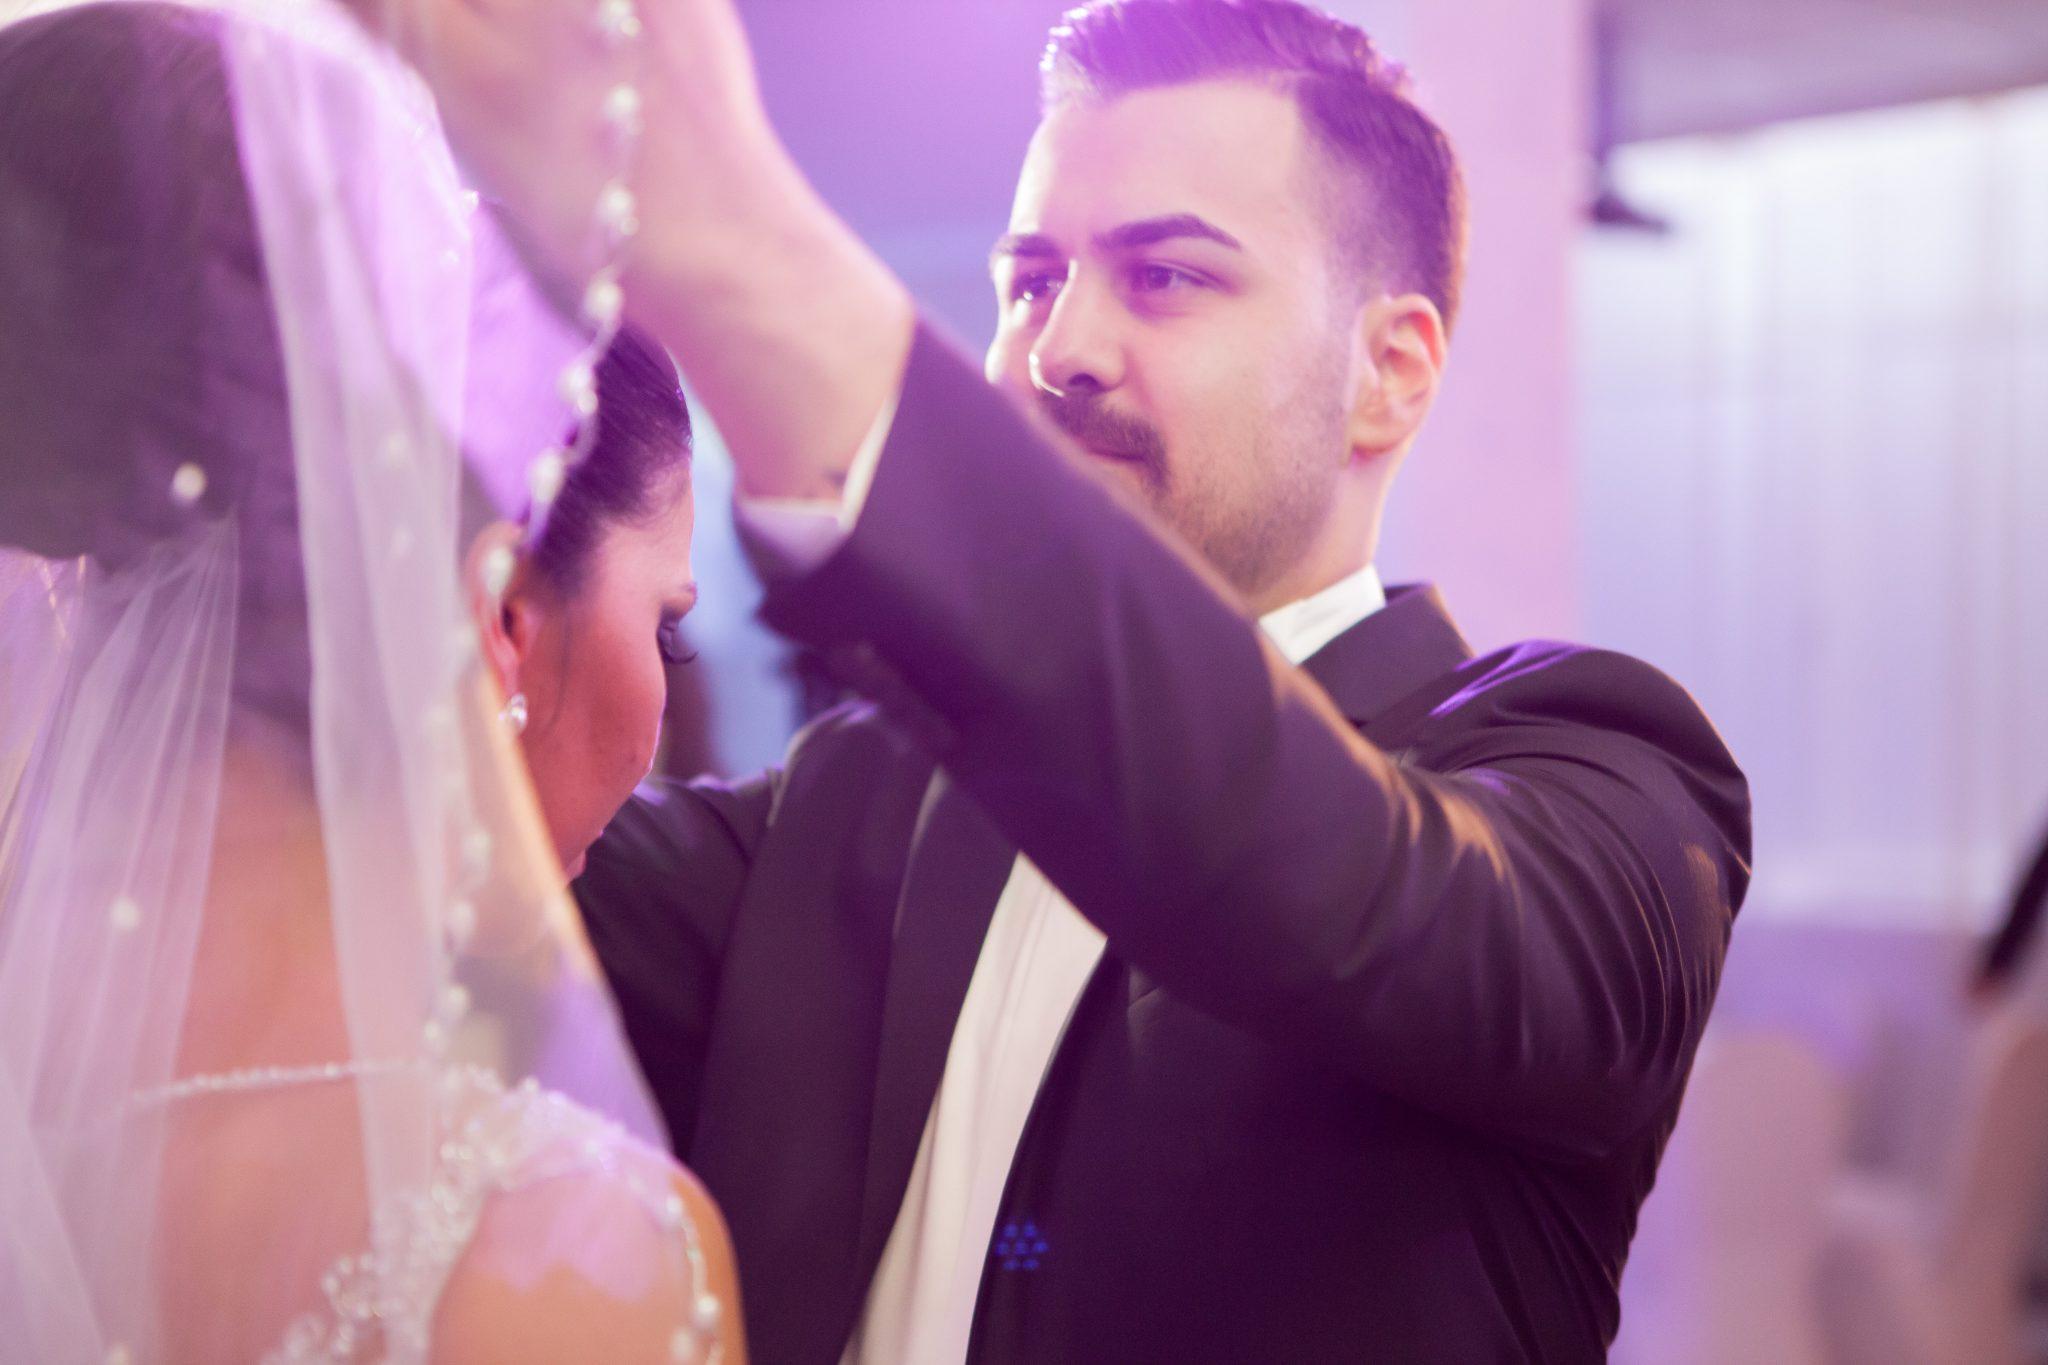 Duvak Schleier türkische Hochzeit türkischer Fotograf türkischer Hochzeitsfotograf Hochzeitsfier